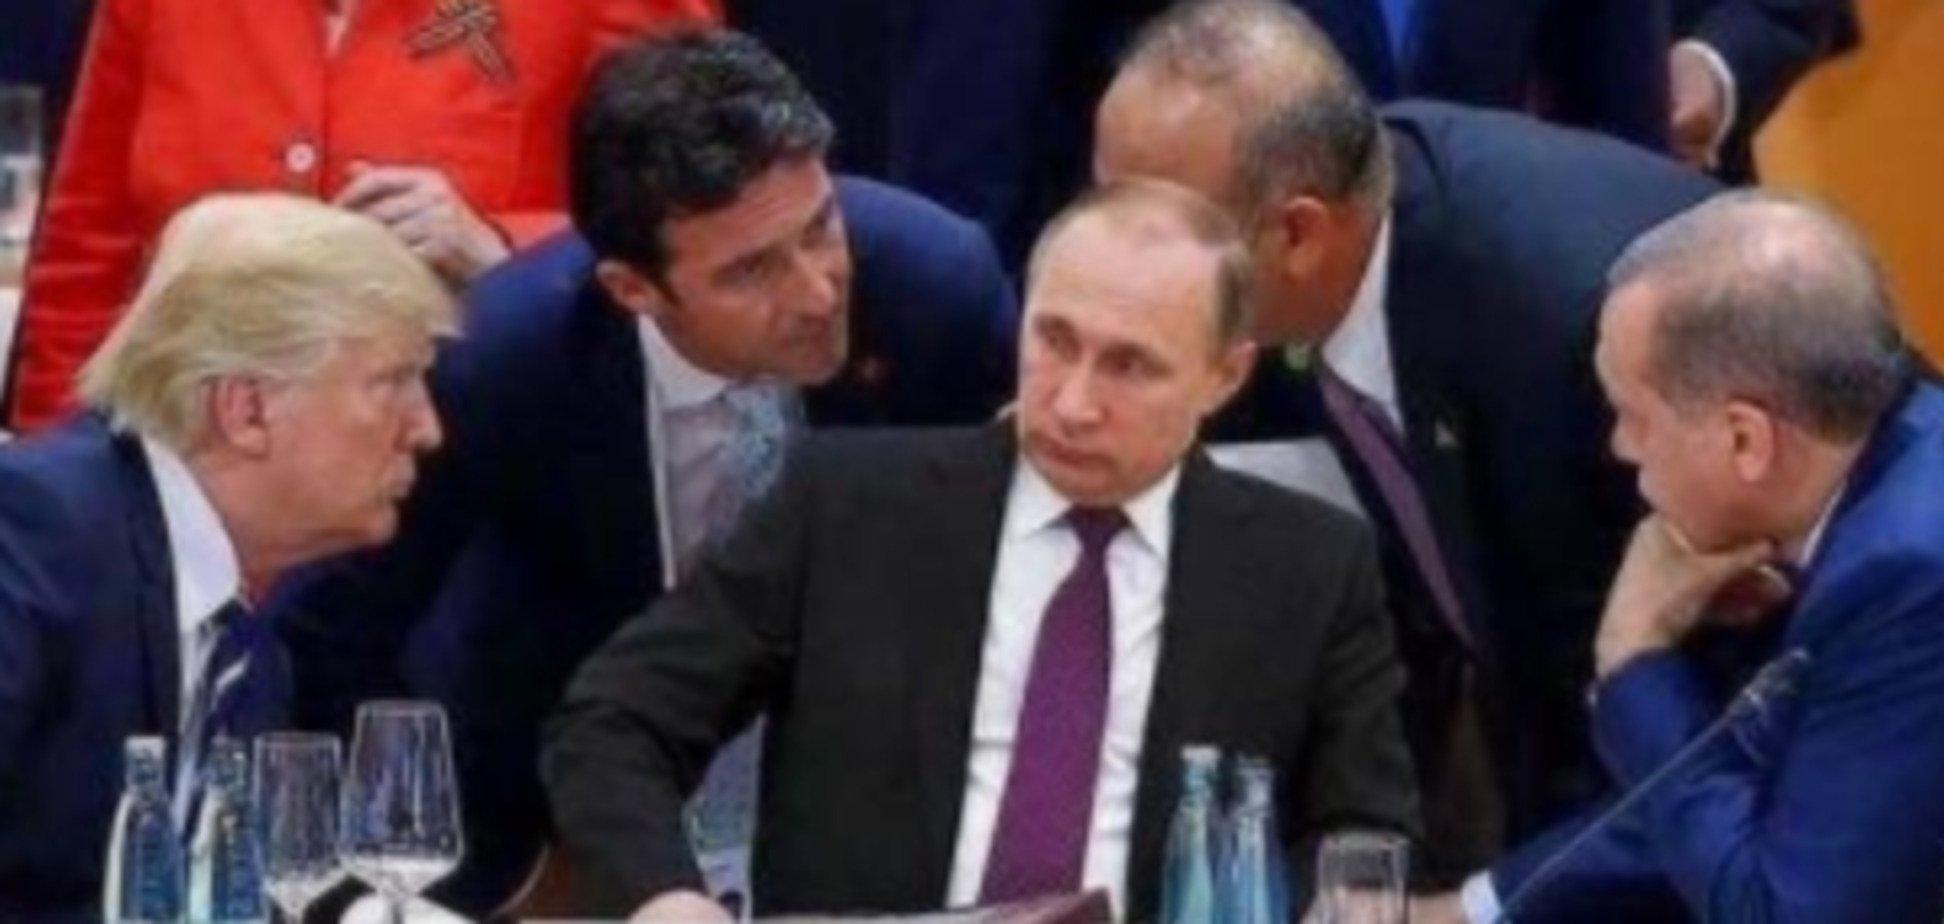 Фейкове фото з Путіним